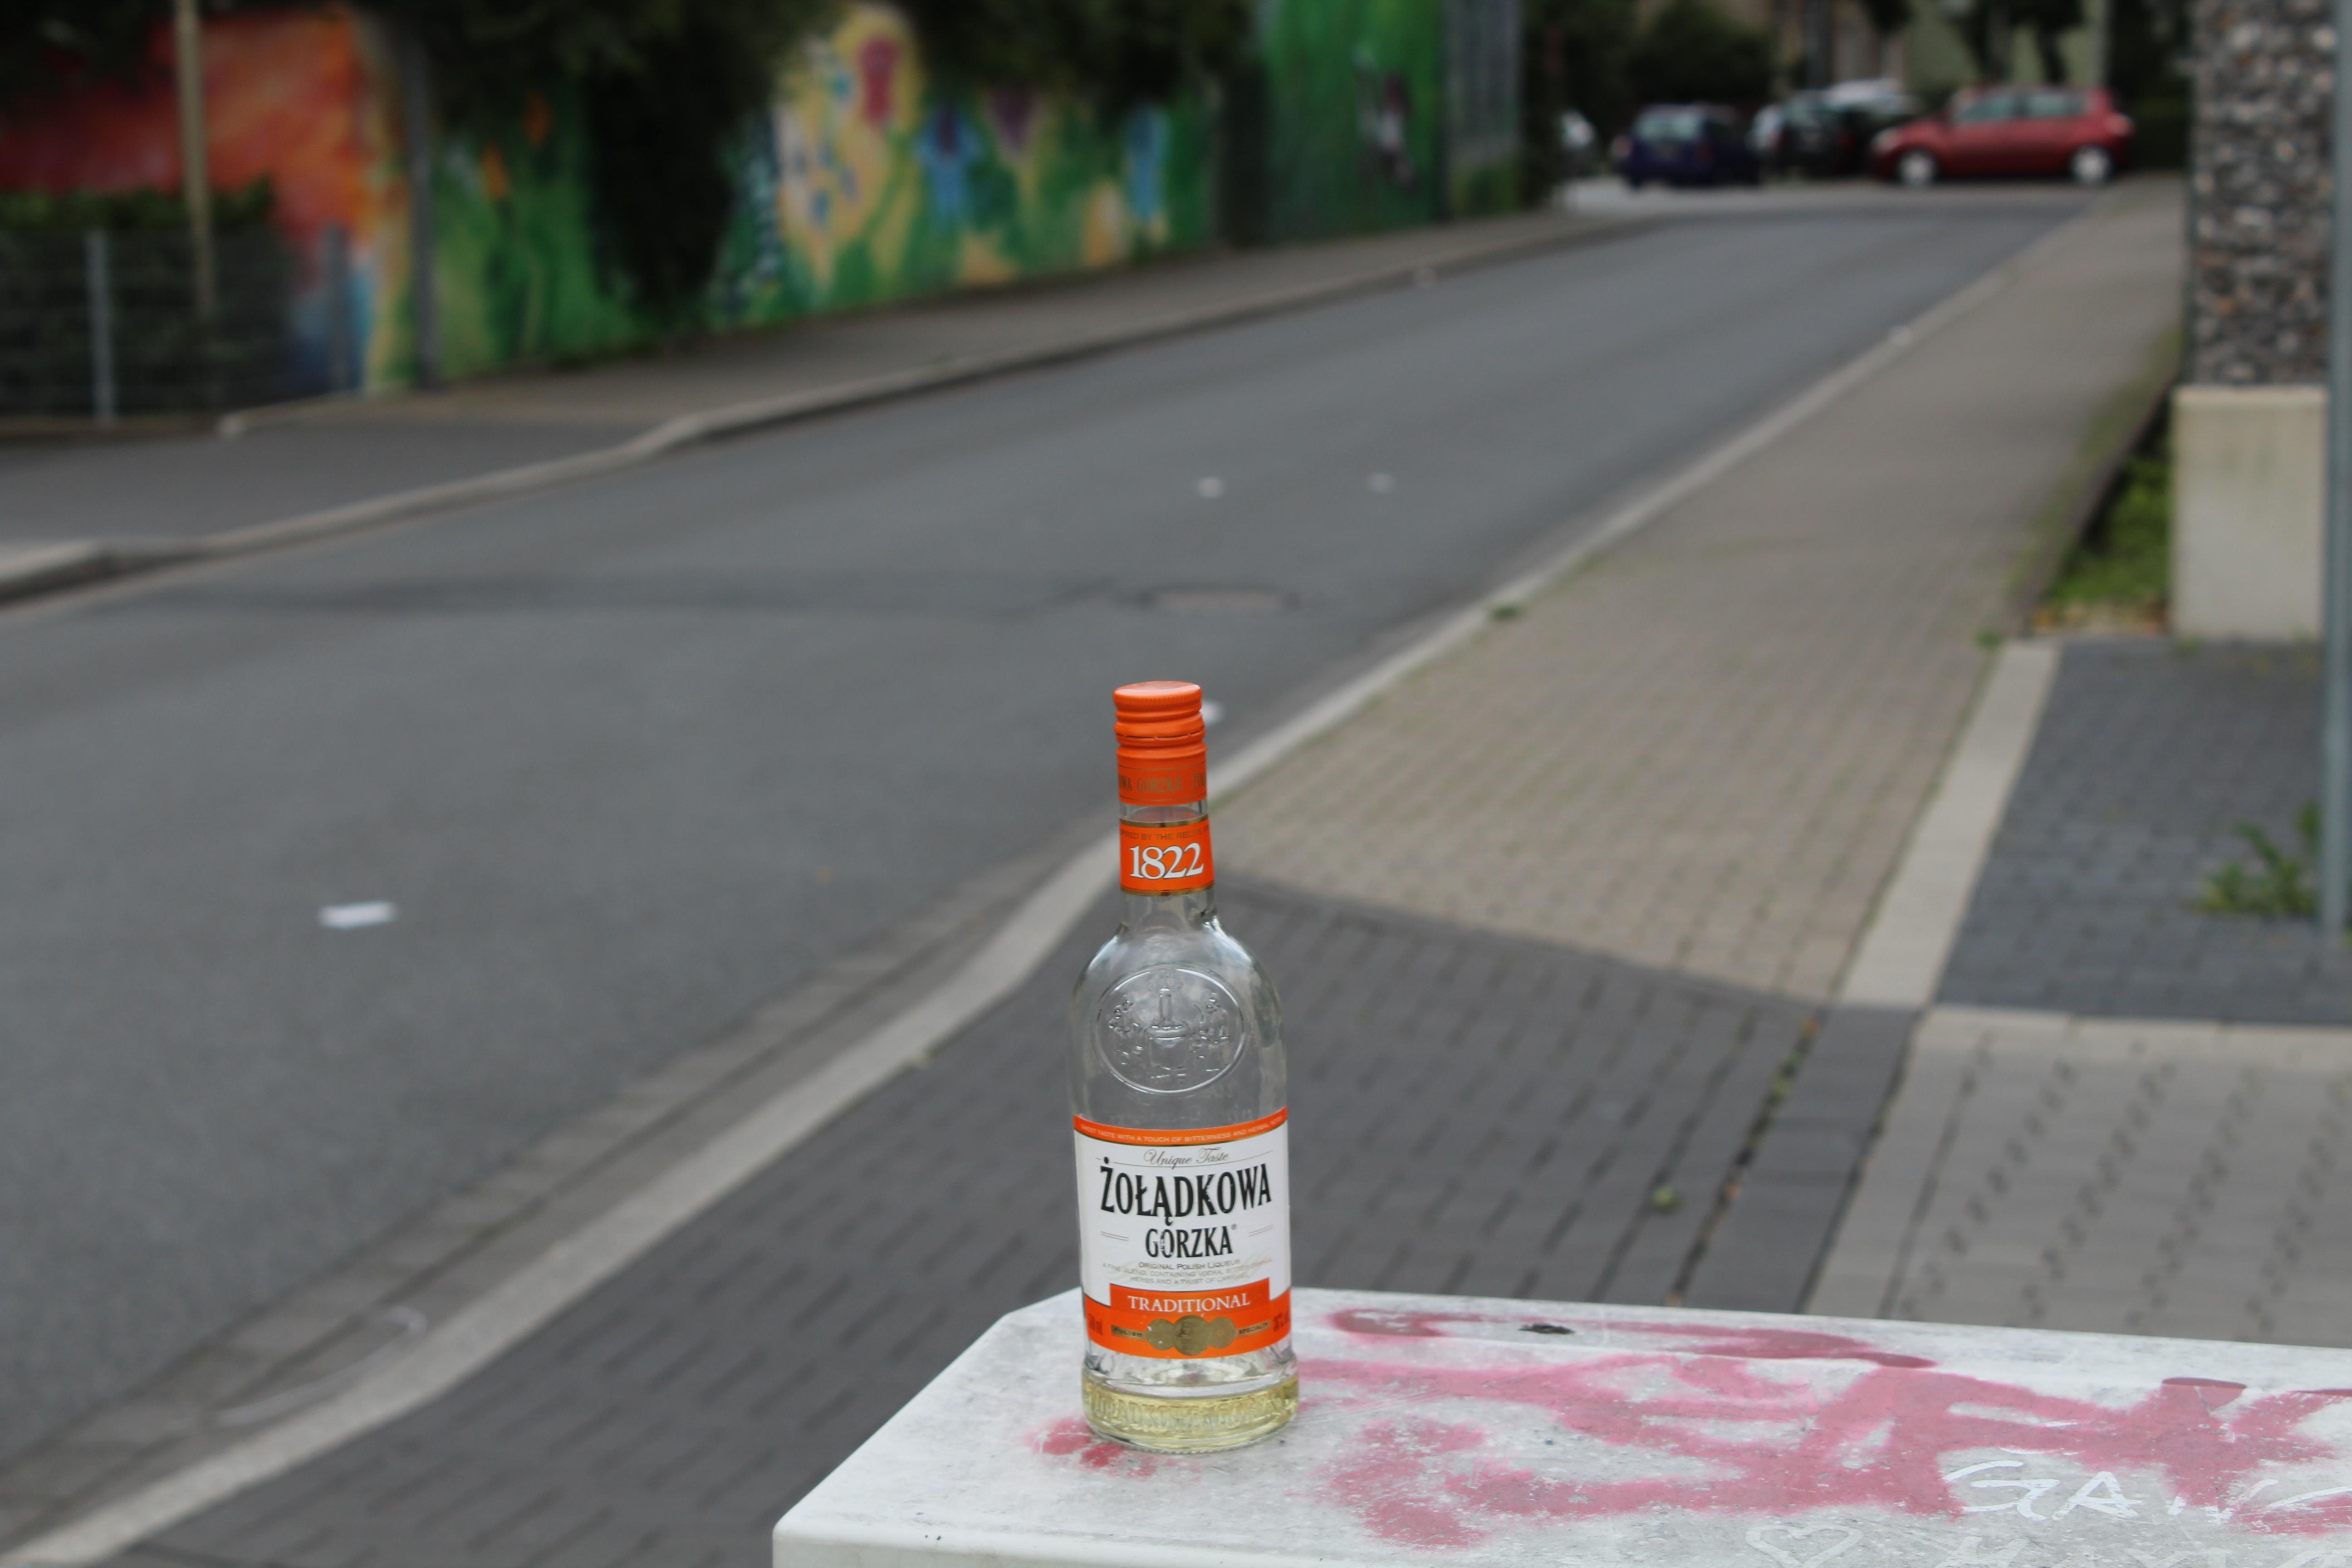 Ein Bild des Bösen: Alkohol in öffentlichen Räumen. (Foto: Sebastian Bartoschek)